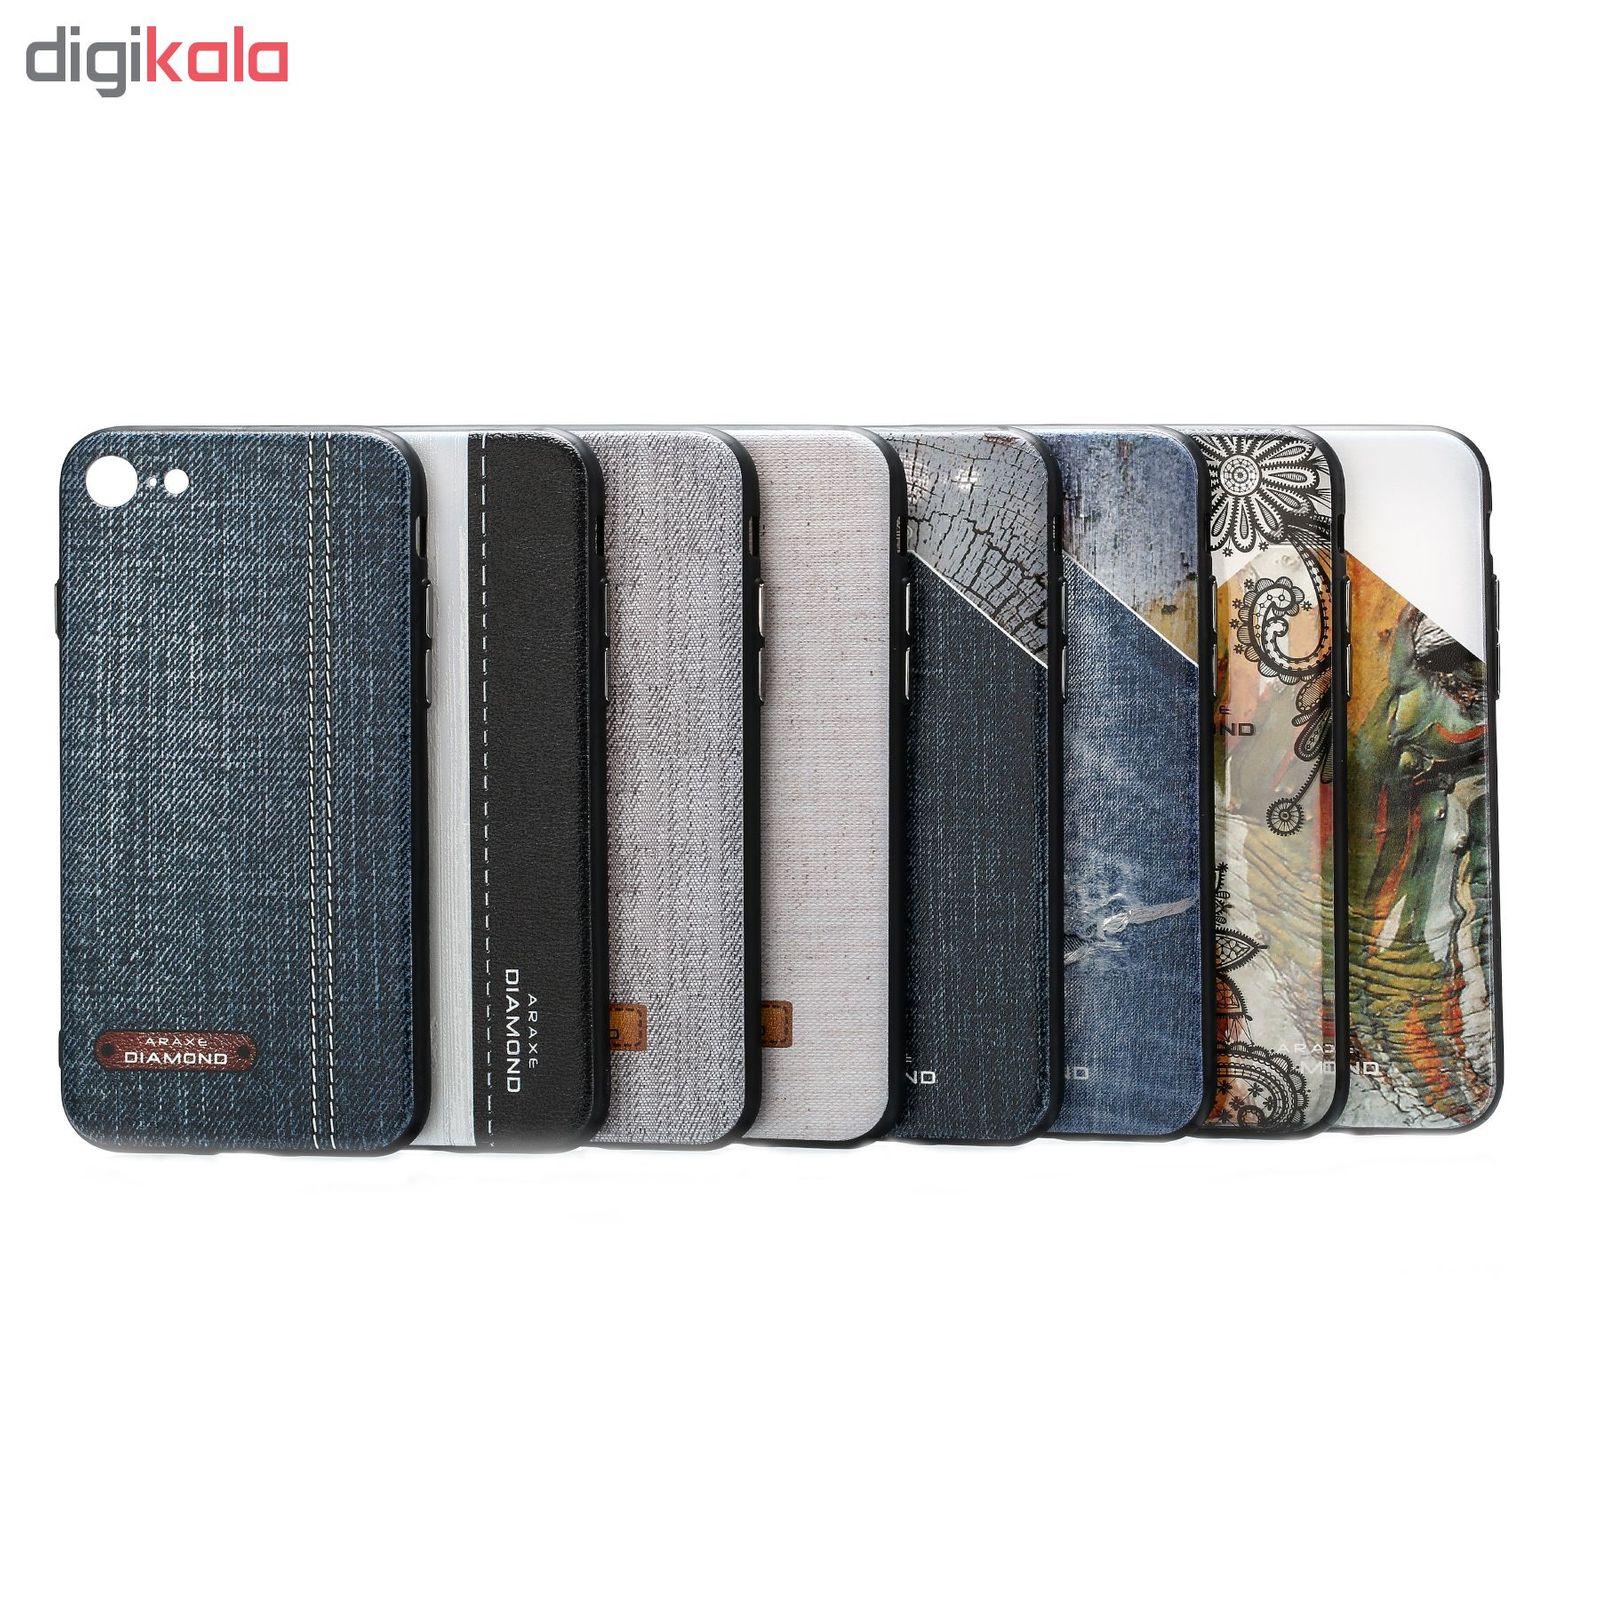 کاور دیاموند مدل Cream Fabric مناسب برای گوشی موبایل آیفون 7 main 1 2